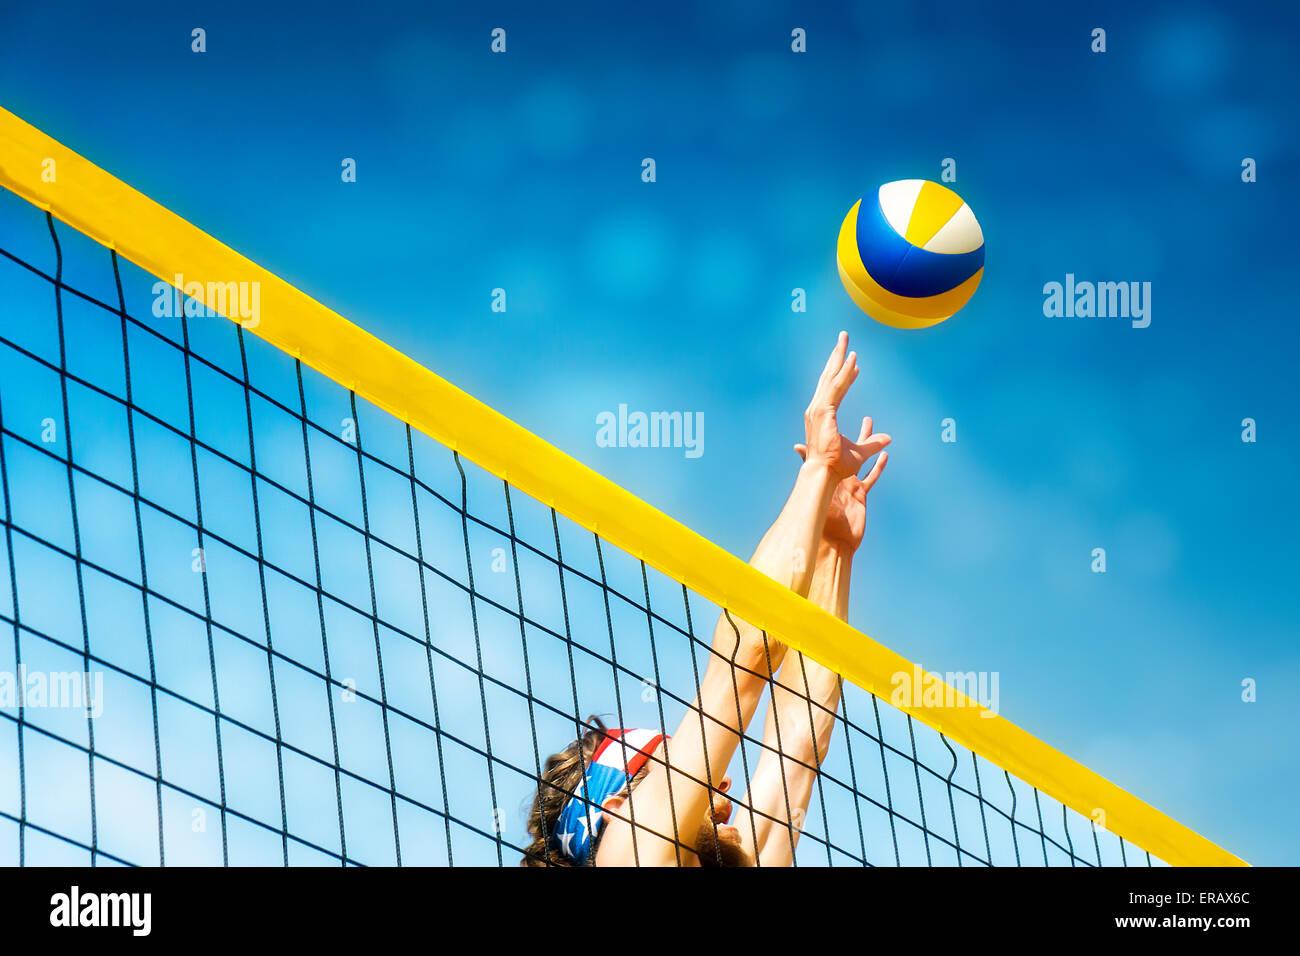 Beachvolley ball joueur saute sur le net et essaie de bloque la balle Photo Stock